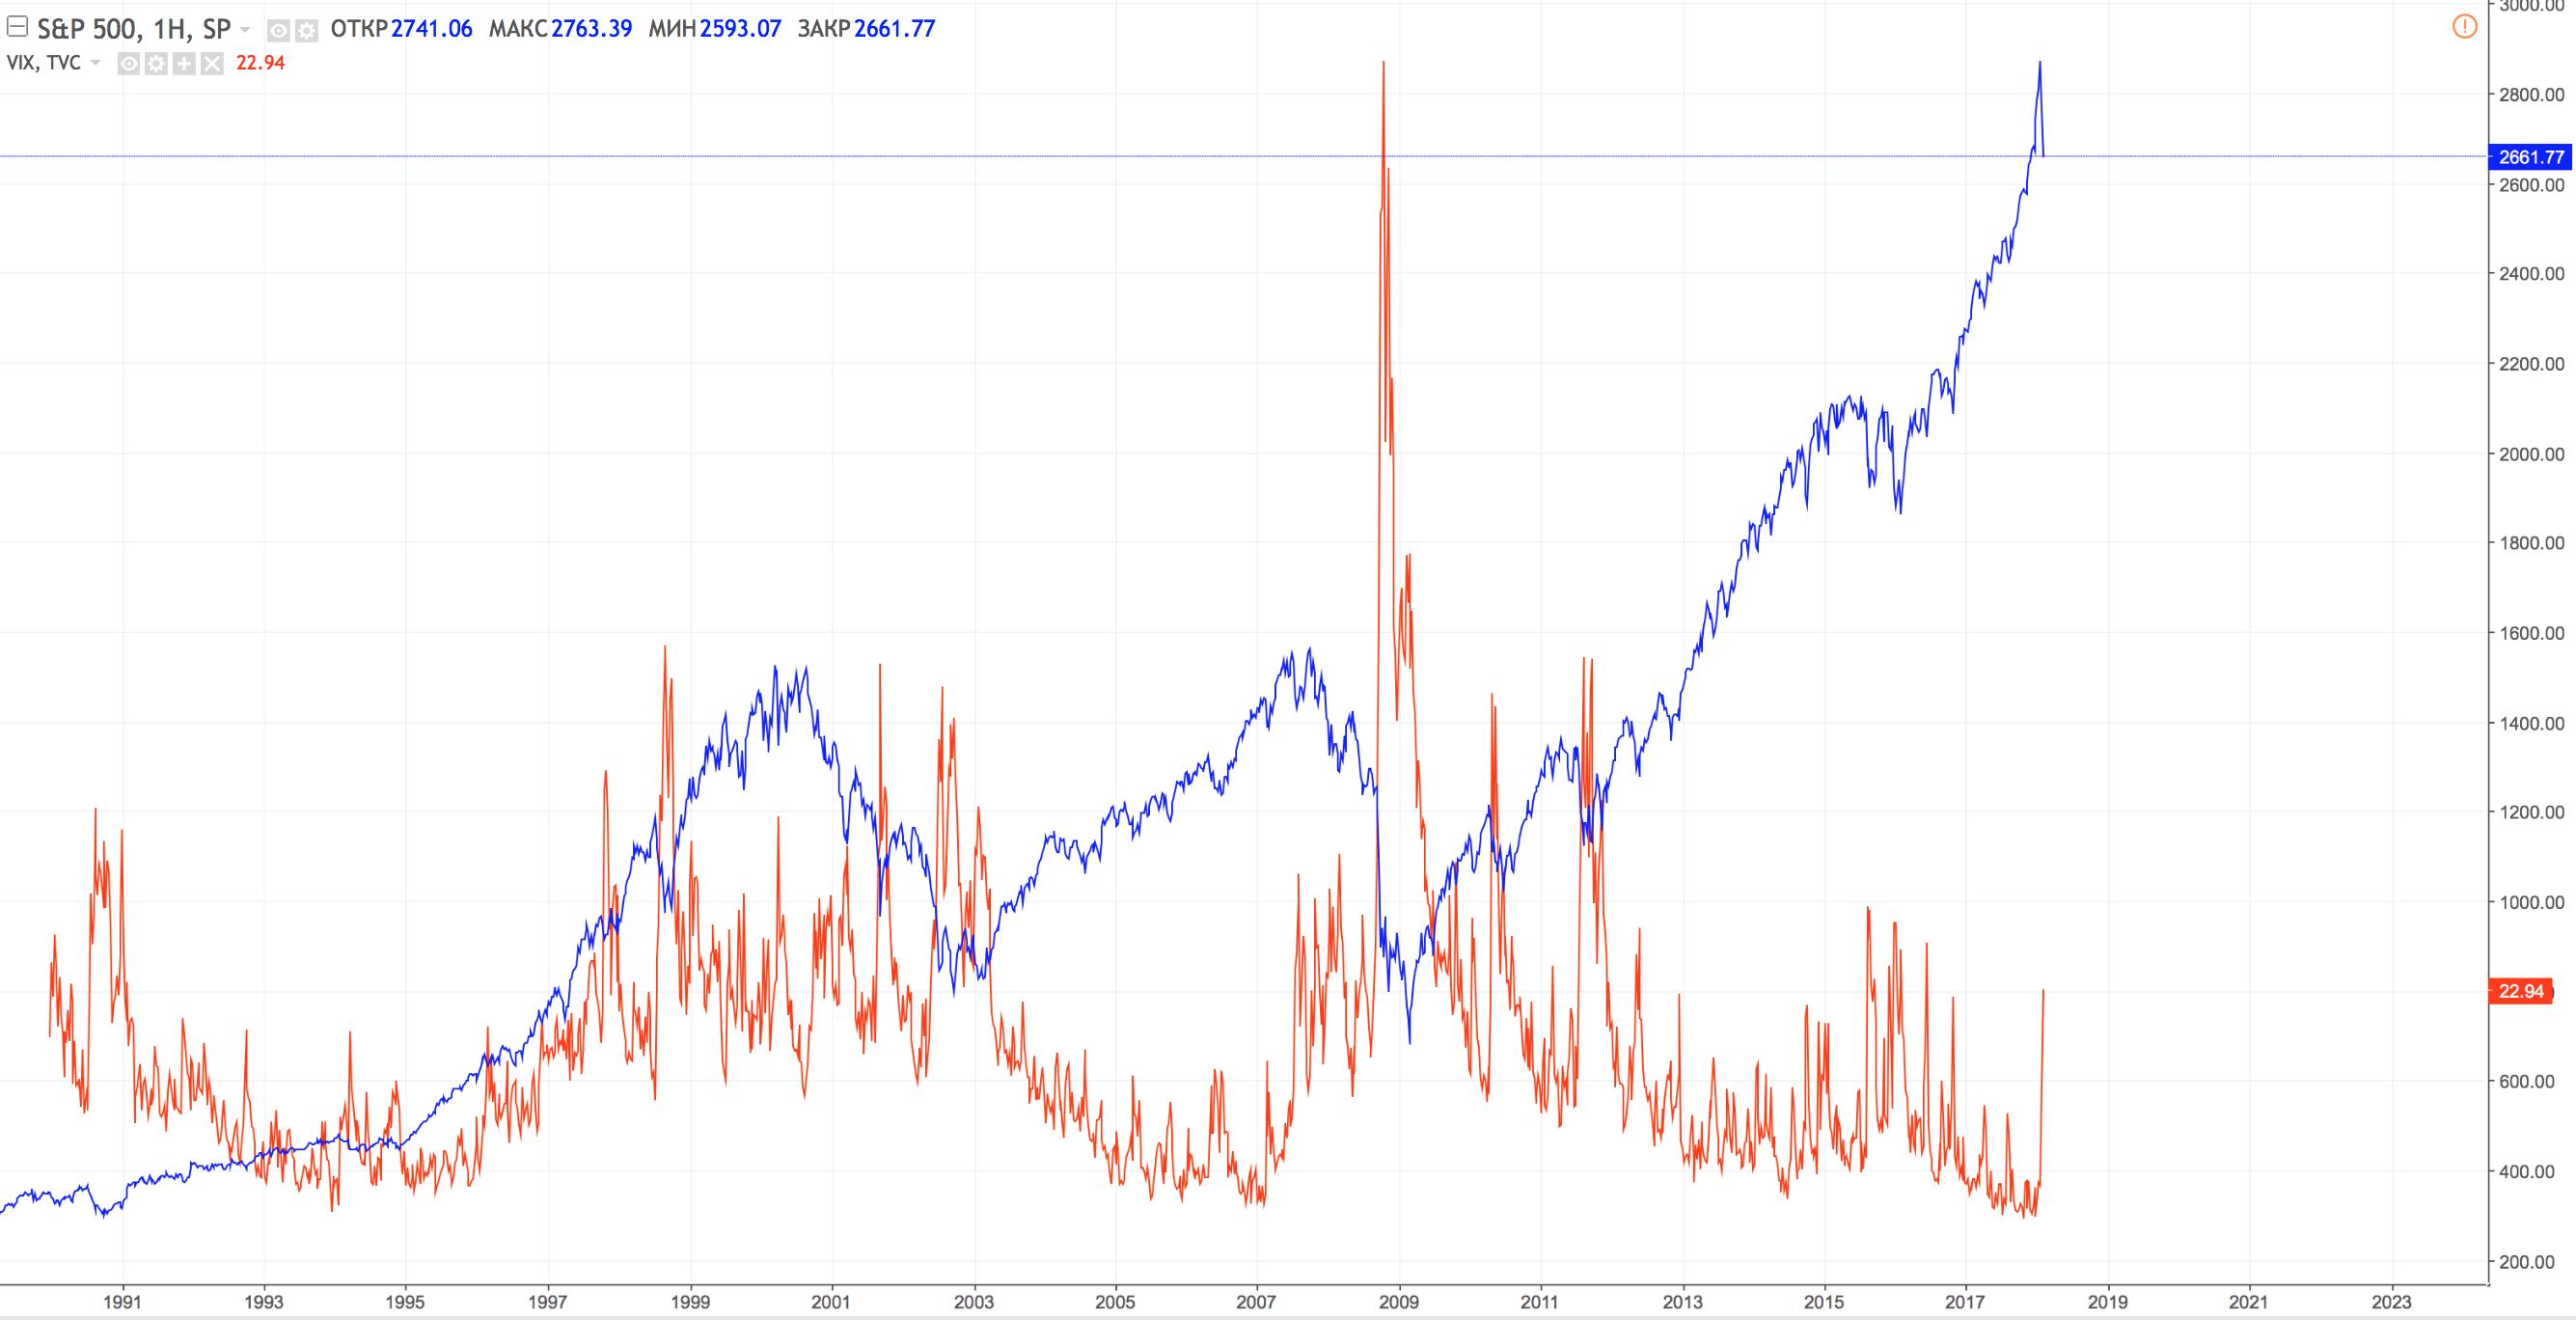 VIX-Week risk on risk off